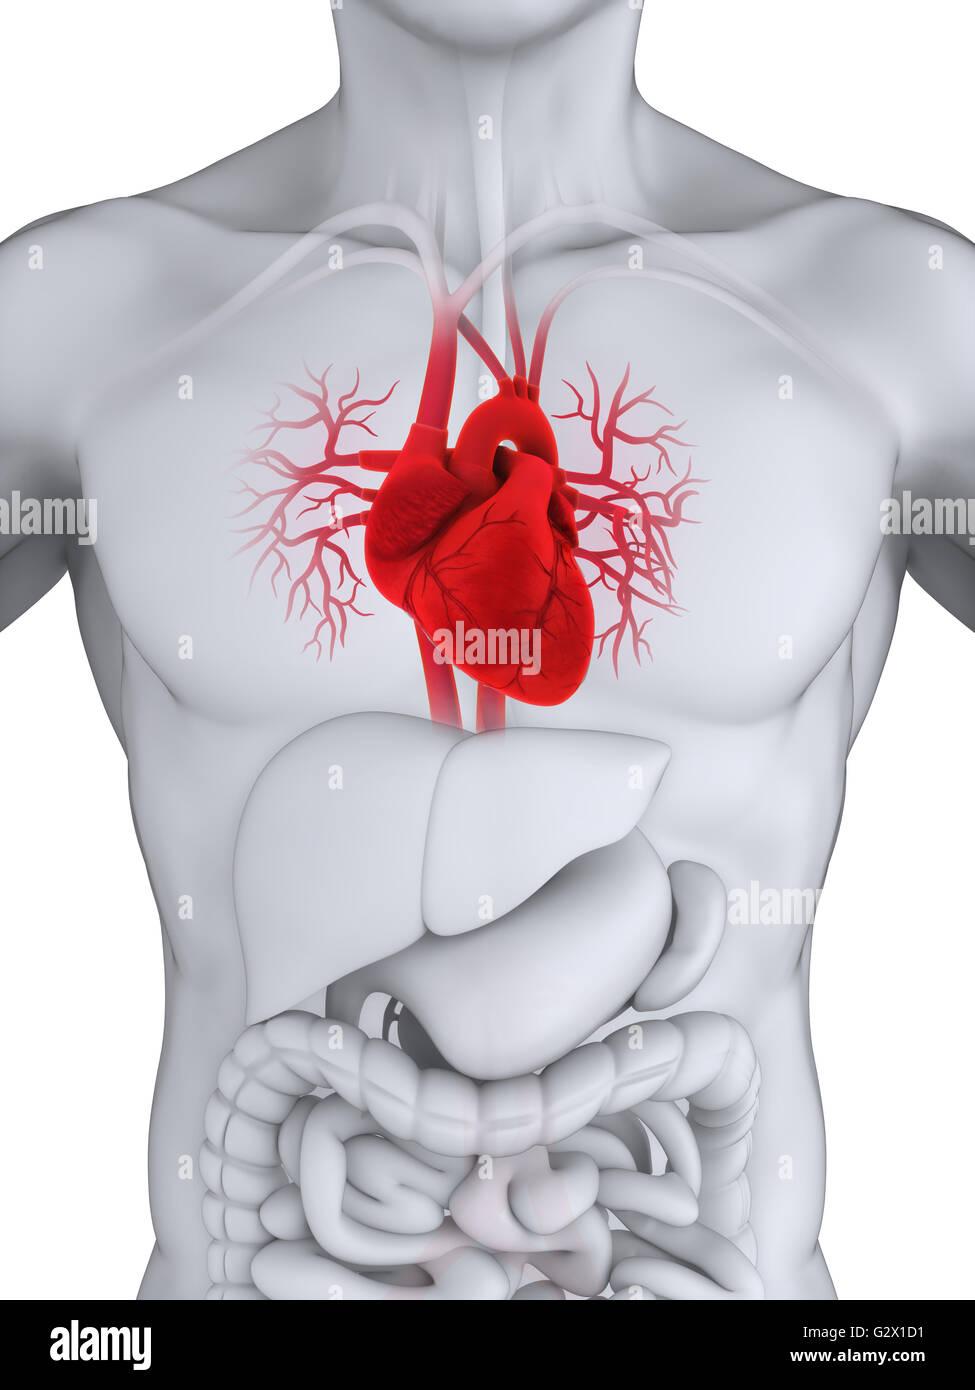 Ziemlich Anatomie Des Menschlichen Herzens Pdf Bilder - Menschliche ...